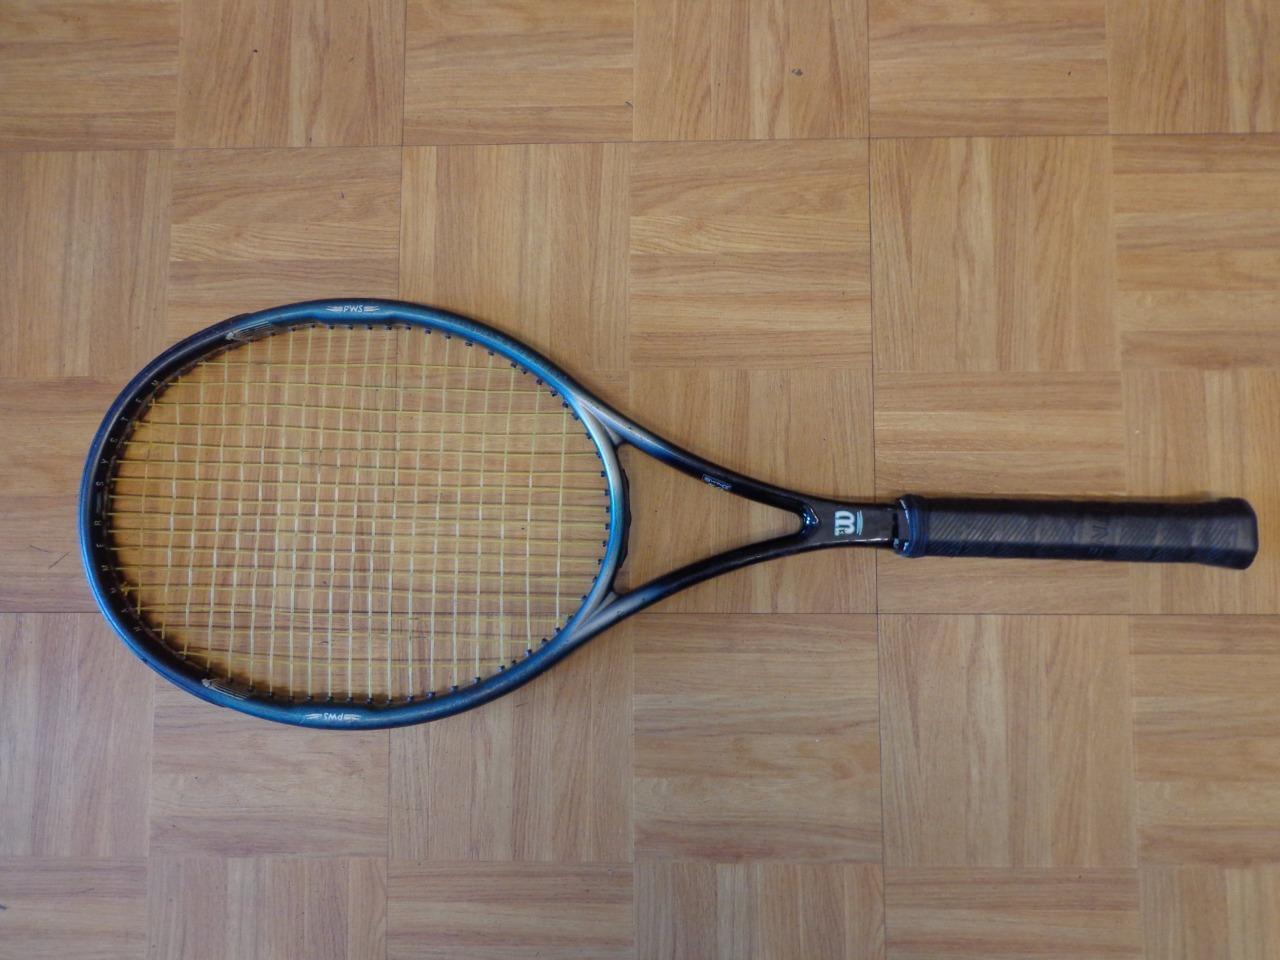 Wilson Hammer 5.0 Stretch 95 midplus head 4 1 2 grip Tennis Racquet